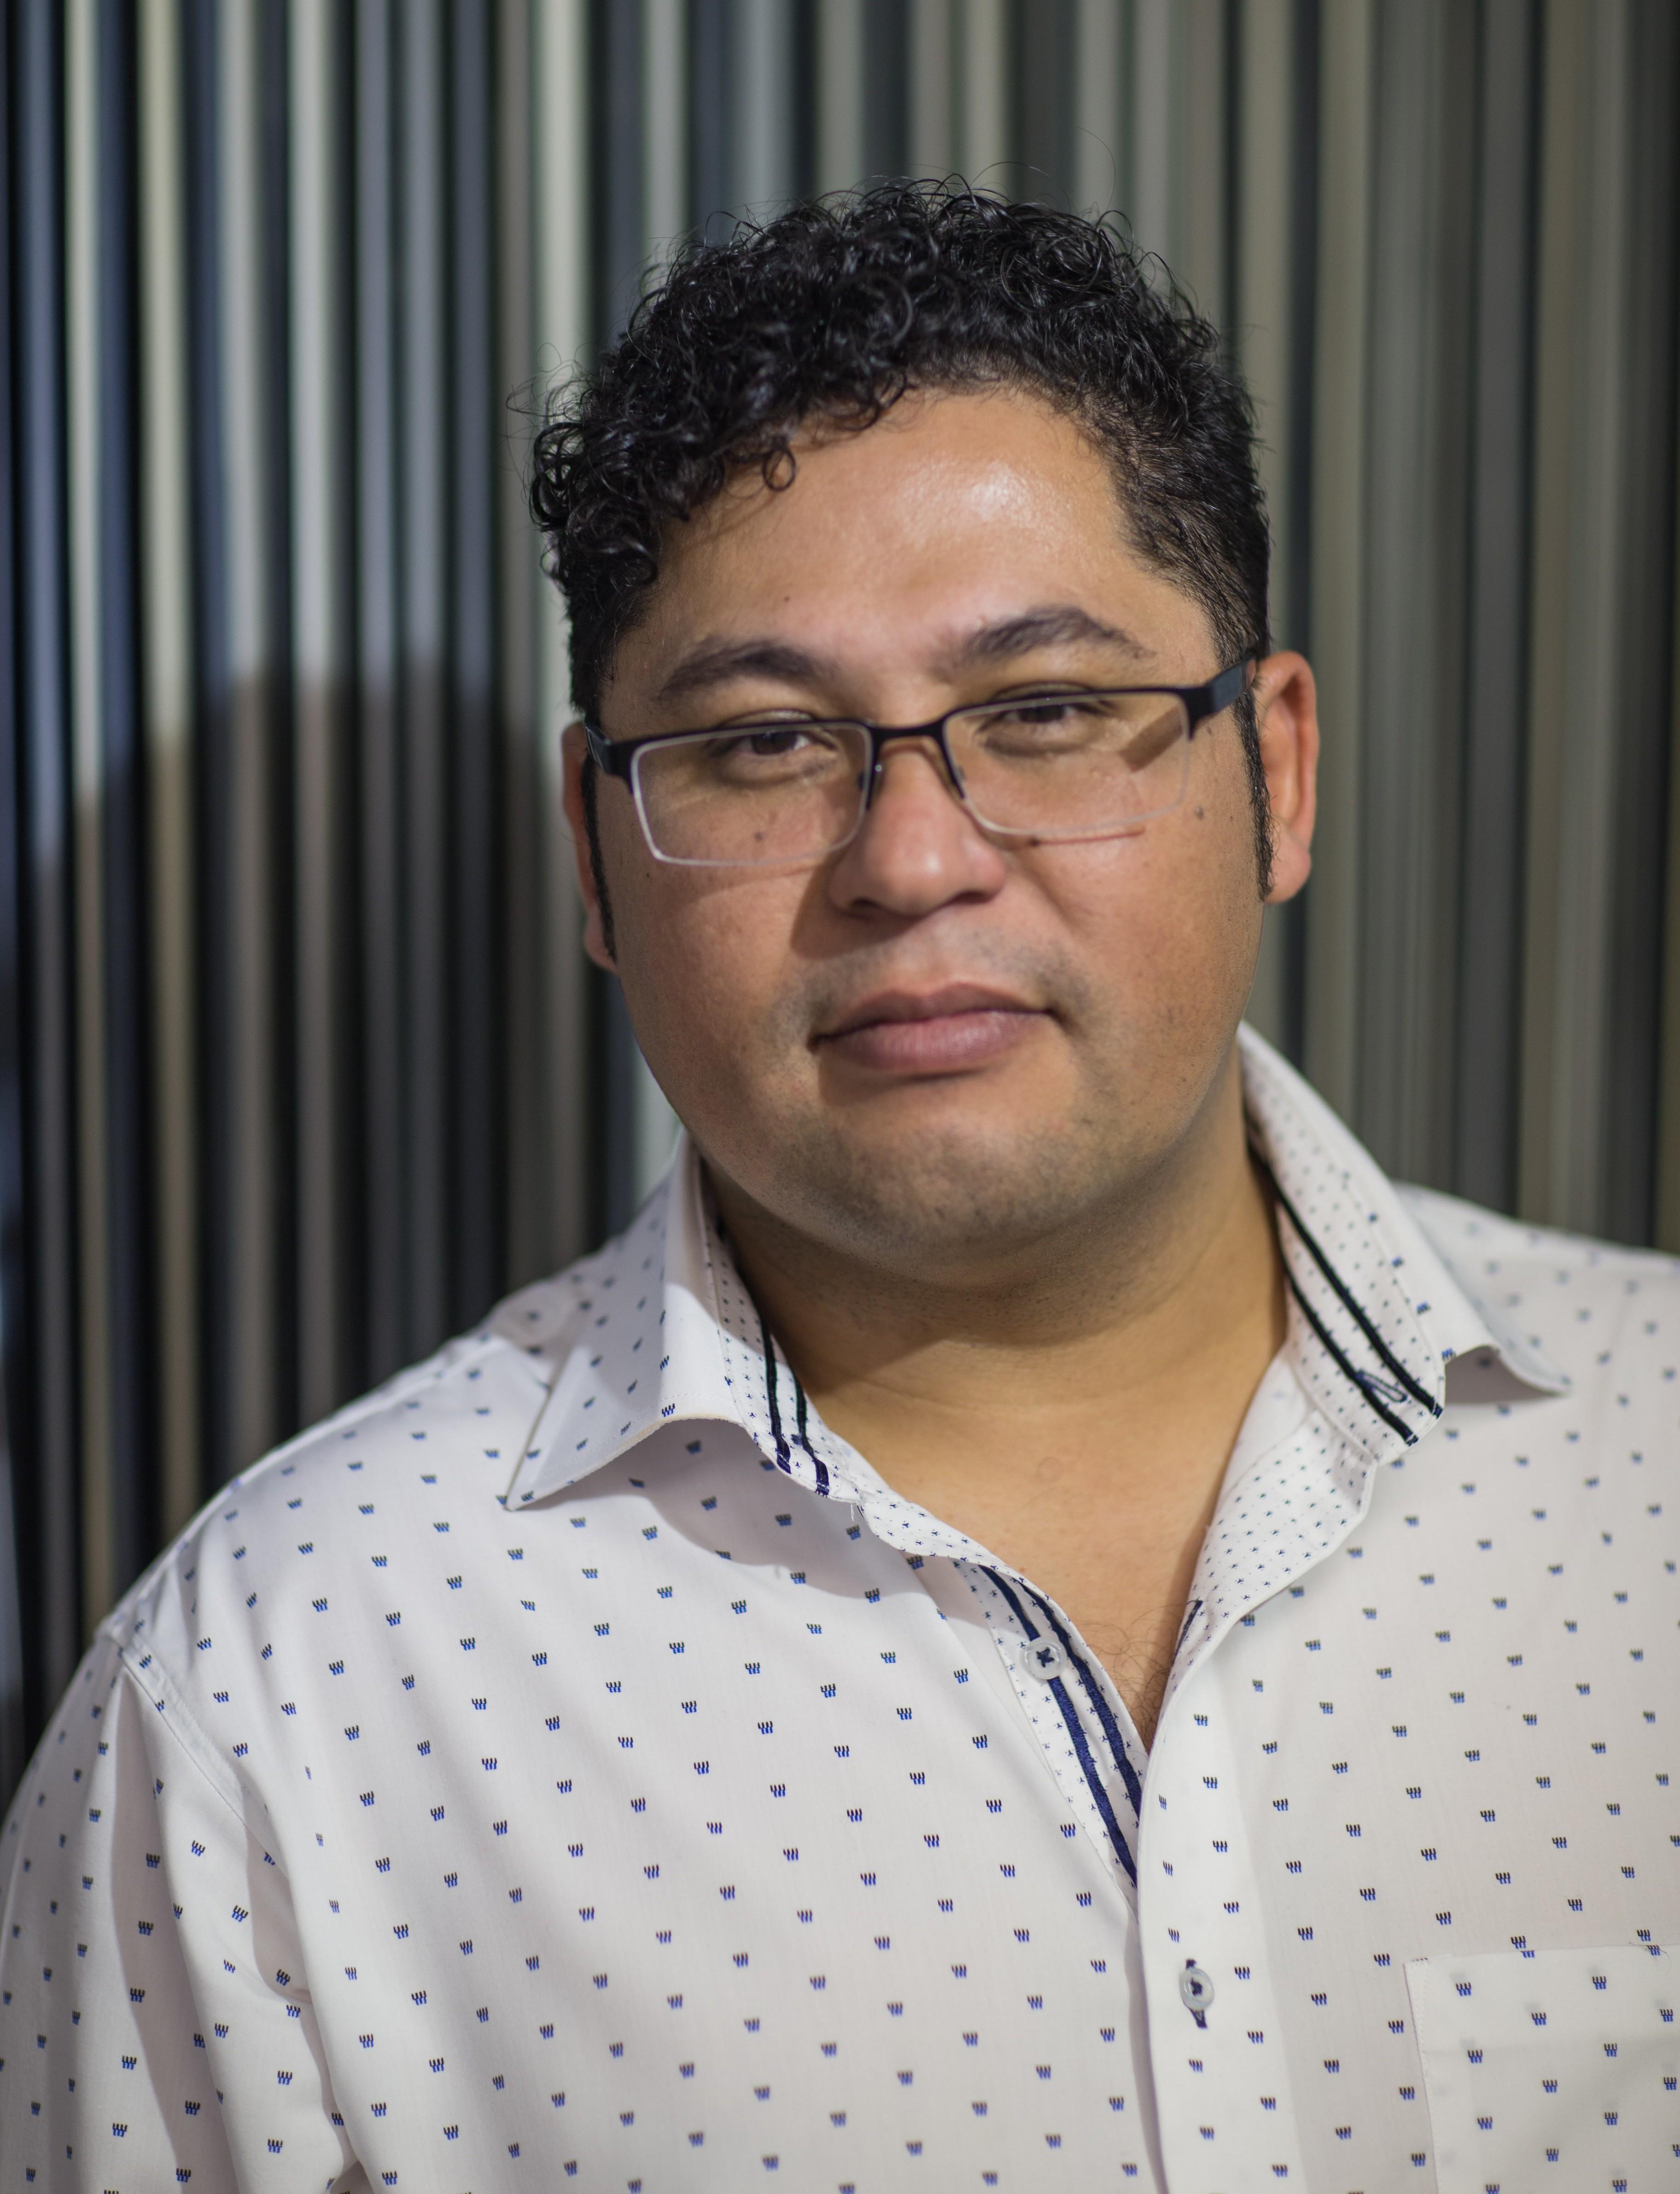 Rafael Yee